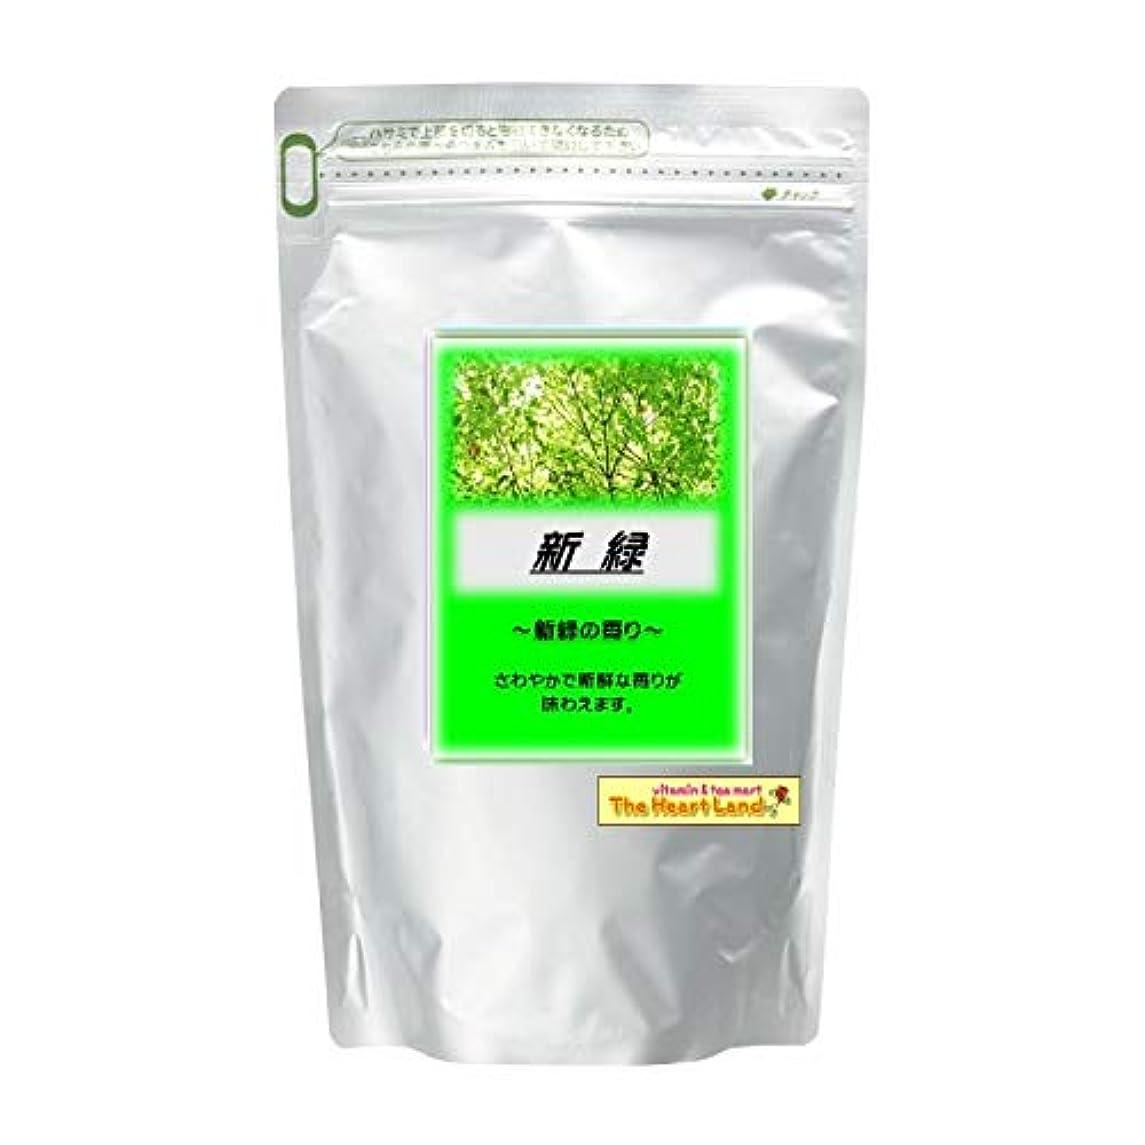 隣接するヒョウ現代のアサヒ入浴剤 浴用入浴化粧品 新緑 2.5kg